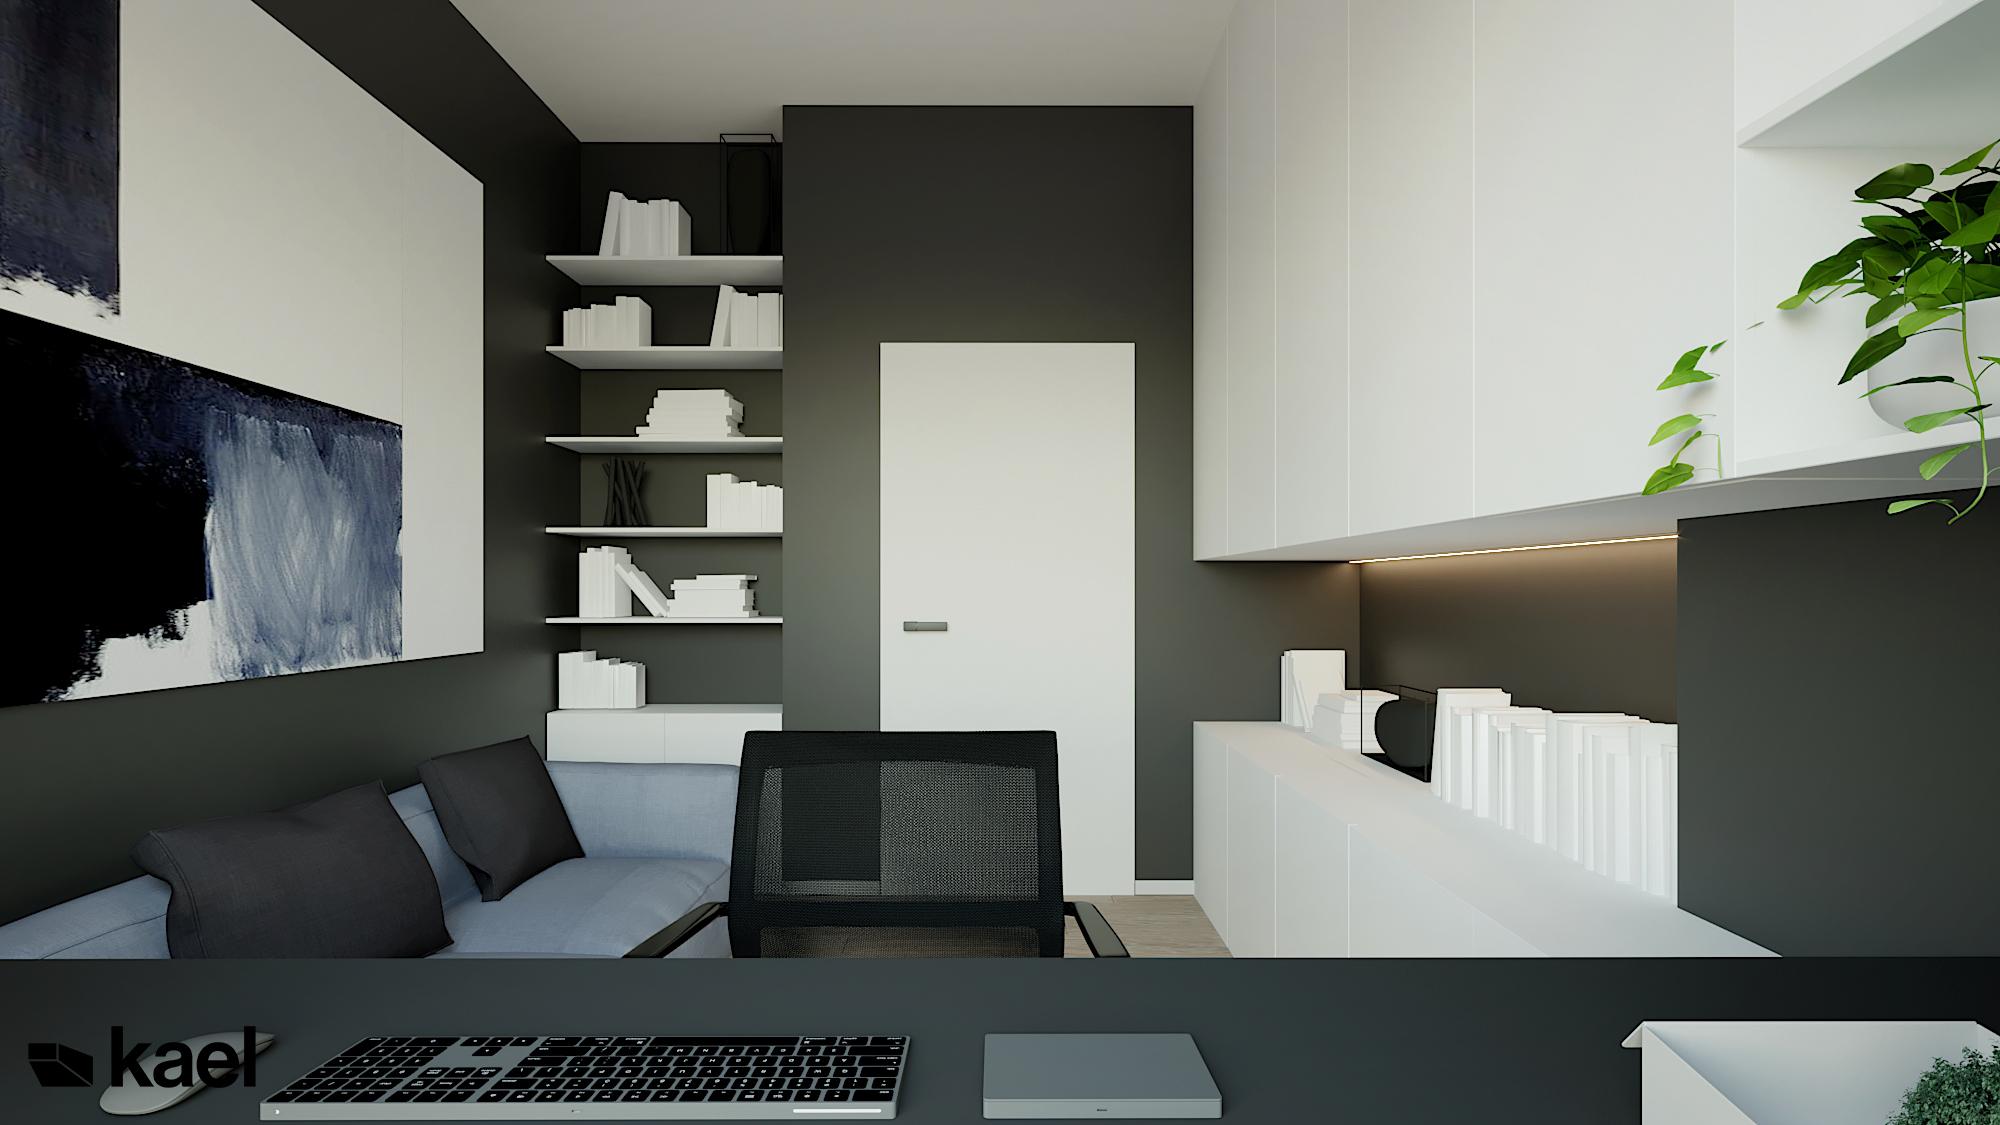 Gabinet - Czumy II - projekt wnętrza domu w zabudowie szeregowej